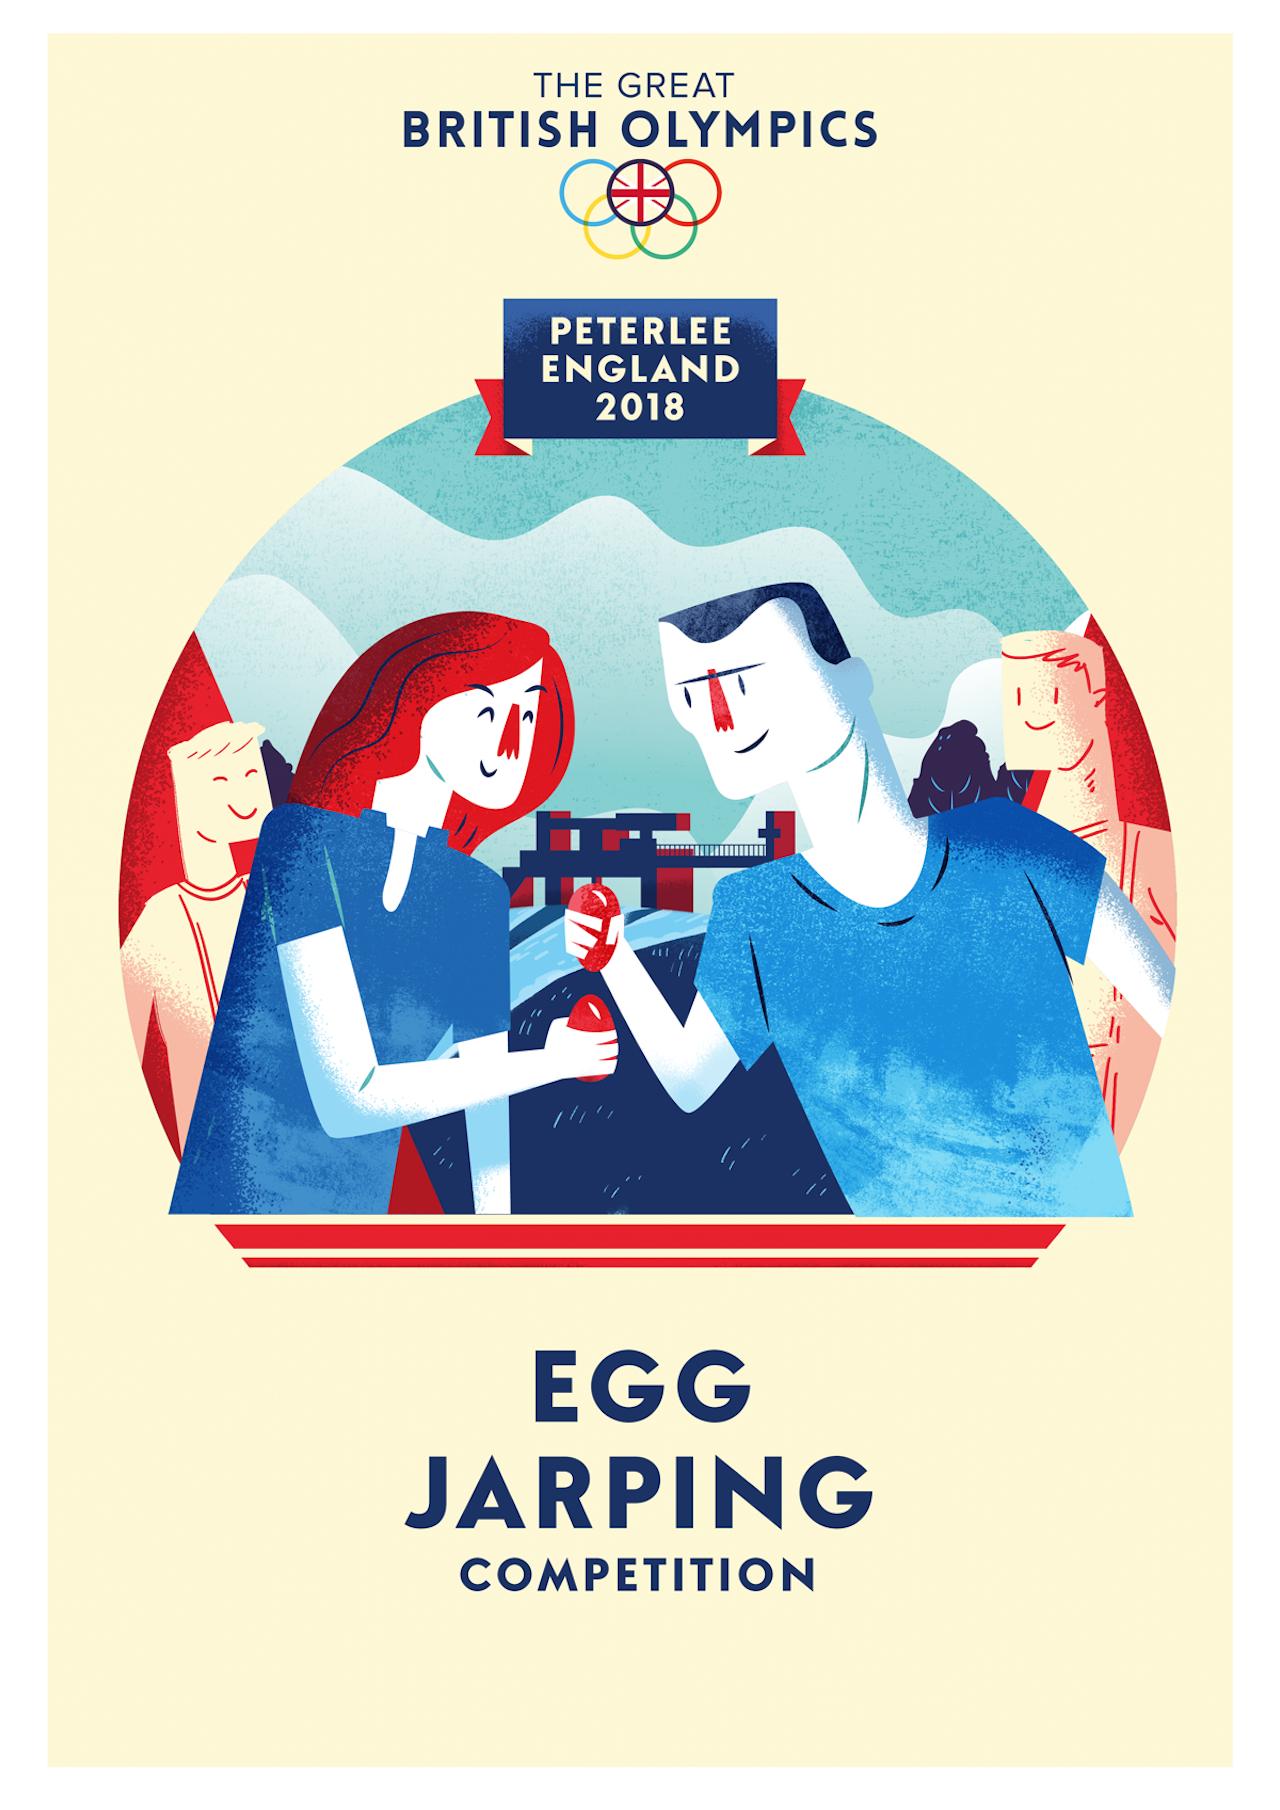 British-Olympics_13-Egg-Jarping